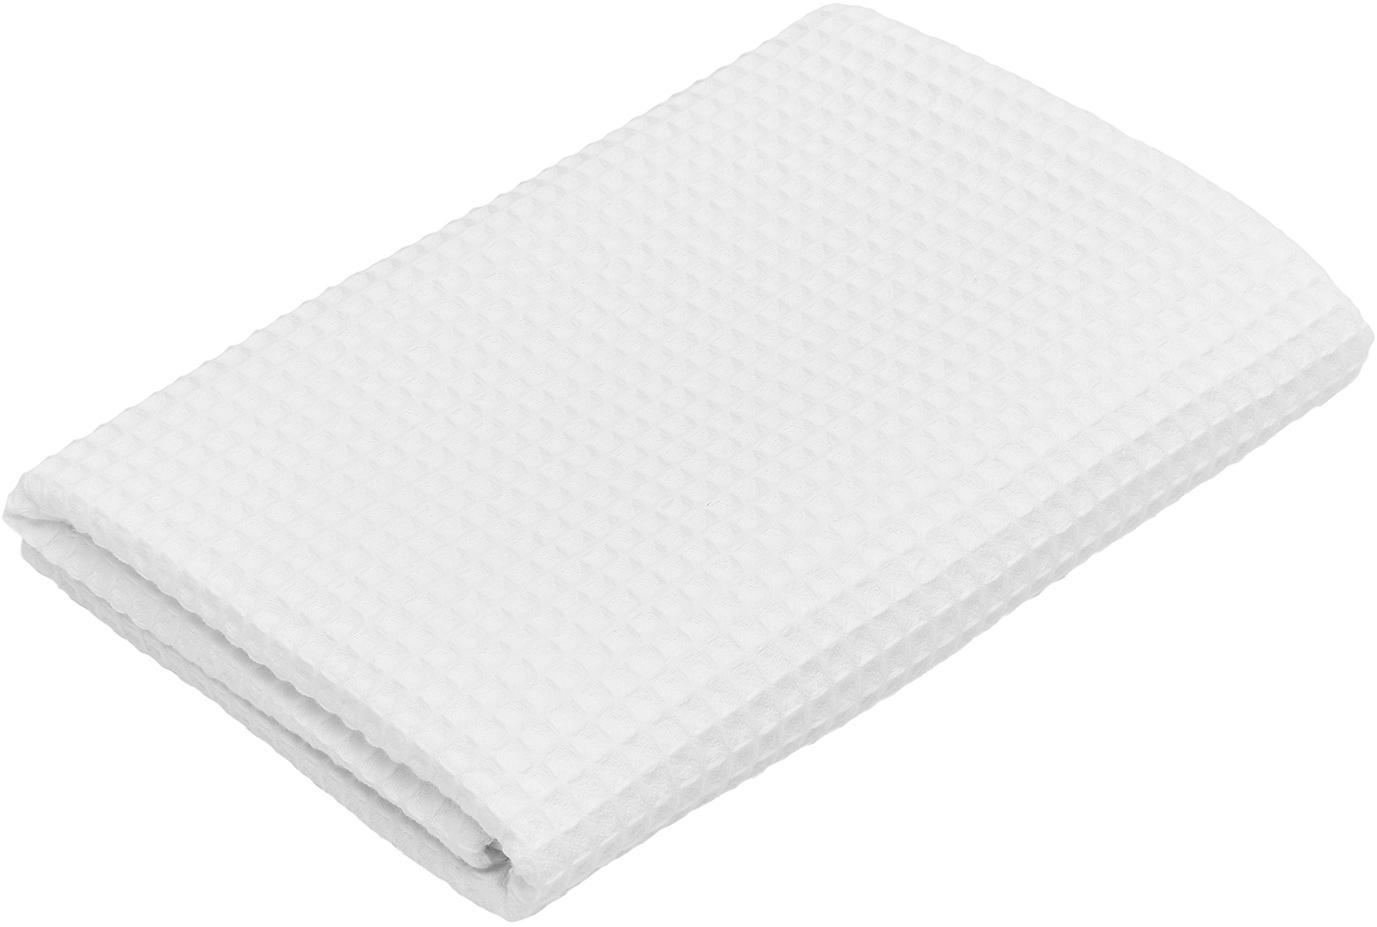 Leichtes Waffelpiqué-Handtuch Karima, verschiedene Größen, Weiß, Duschtuch